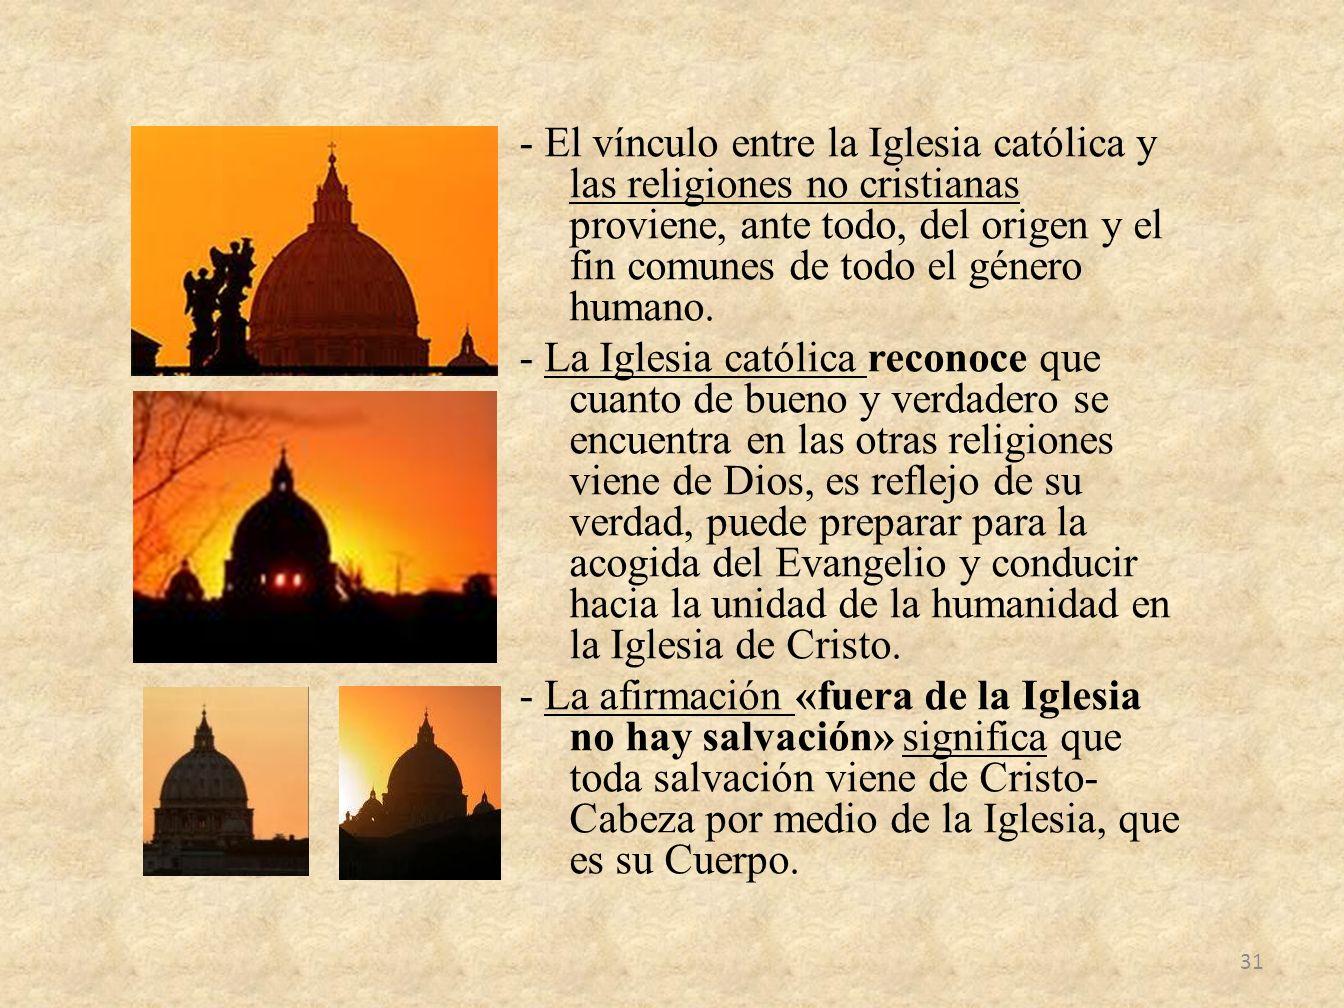 - El vínculo entre la Iglesia católica y las religiones no cristianas proviene, ante todo, del origen y el fin comunes de todo el género humano.